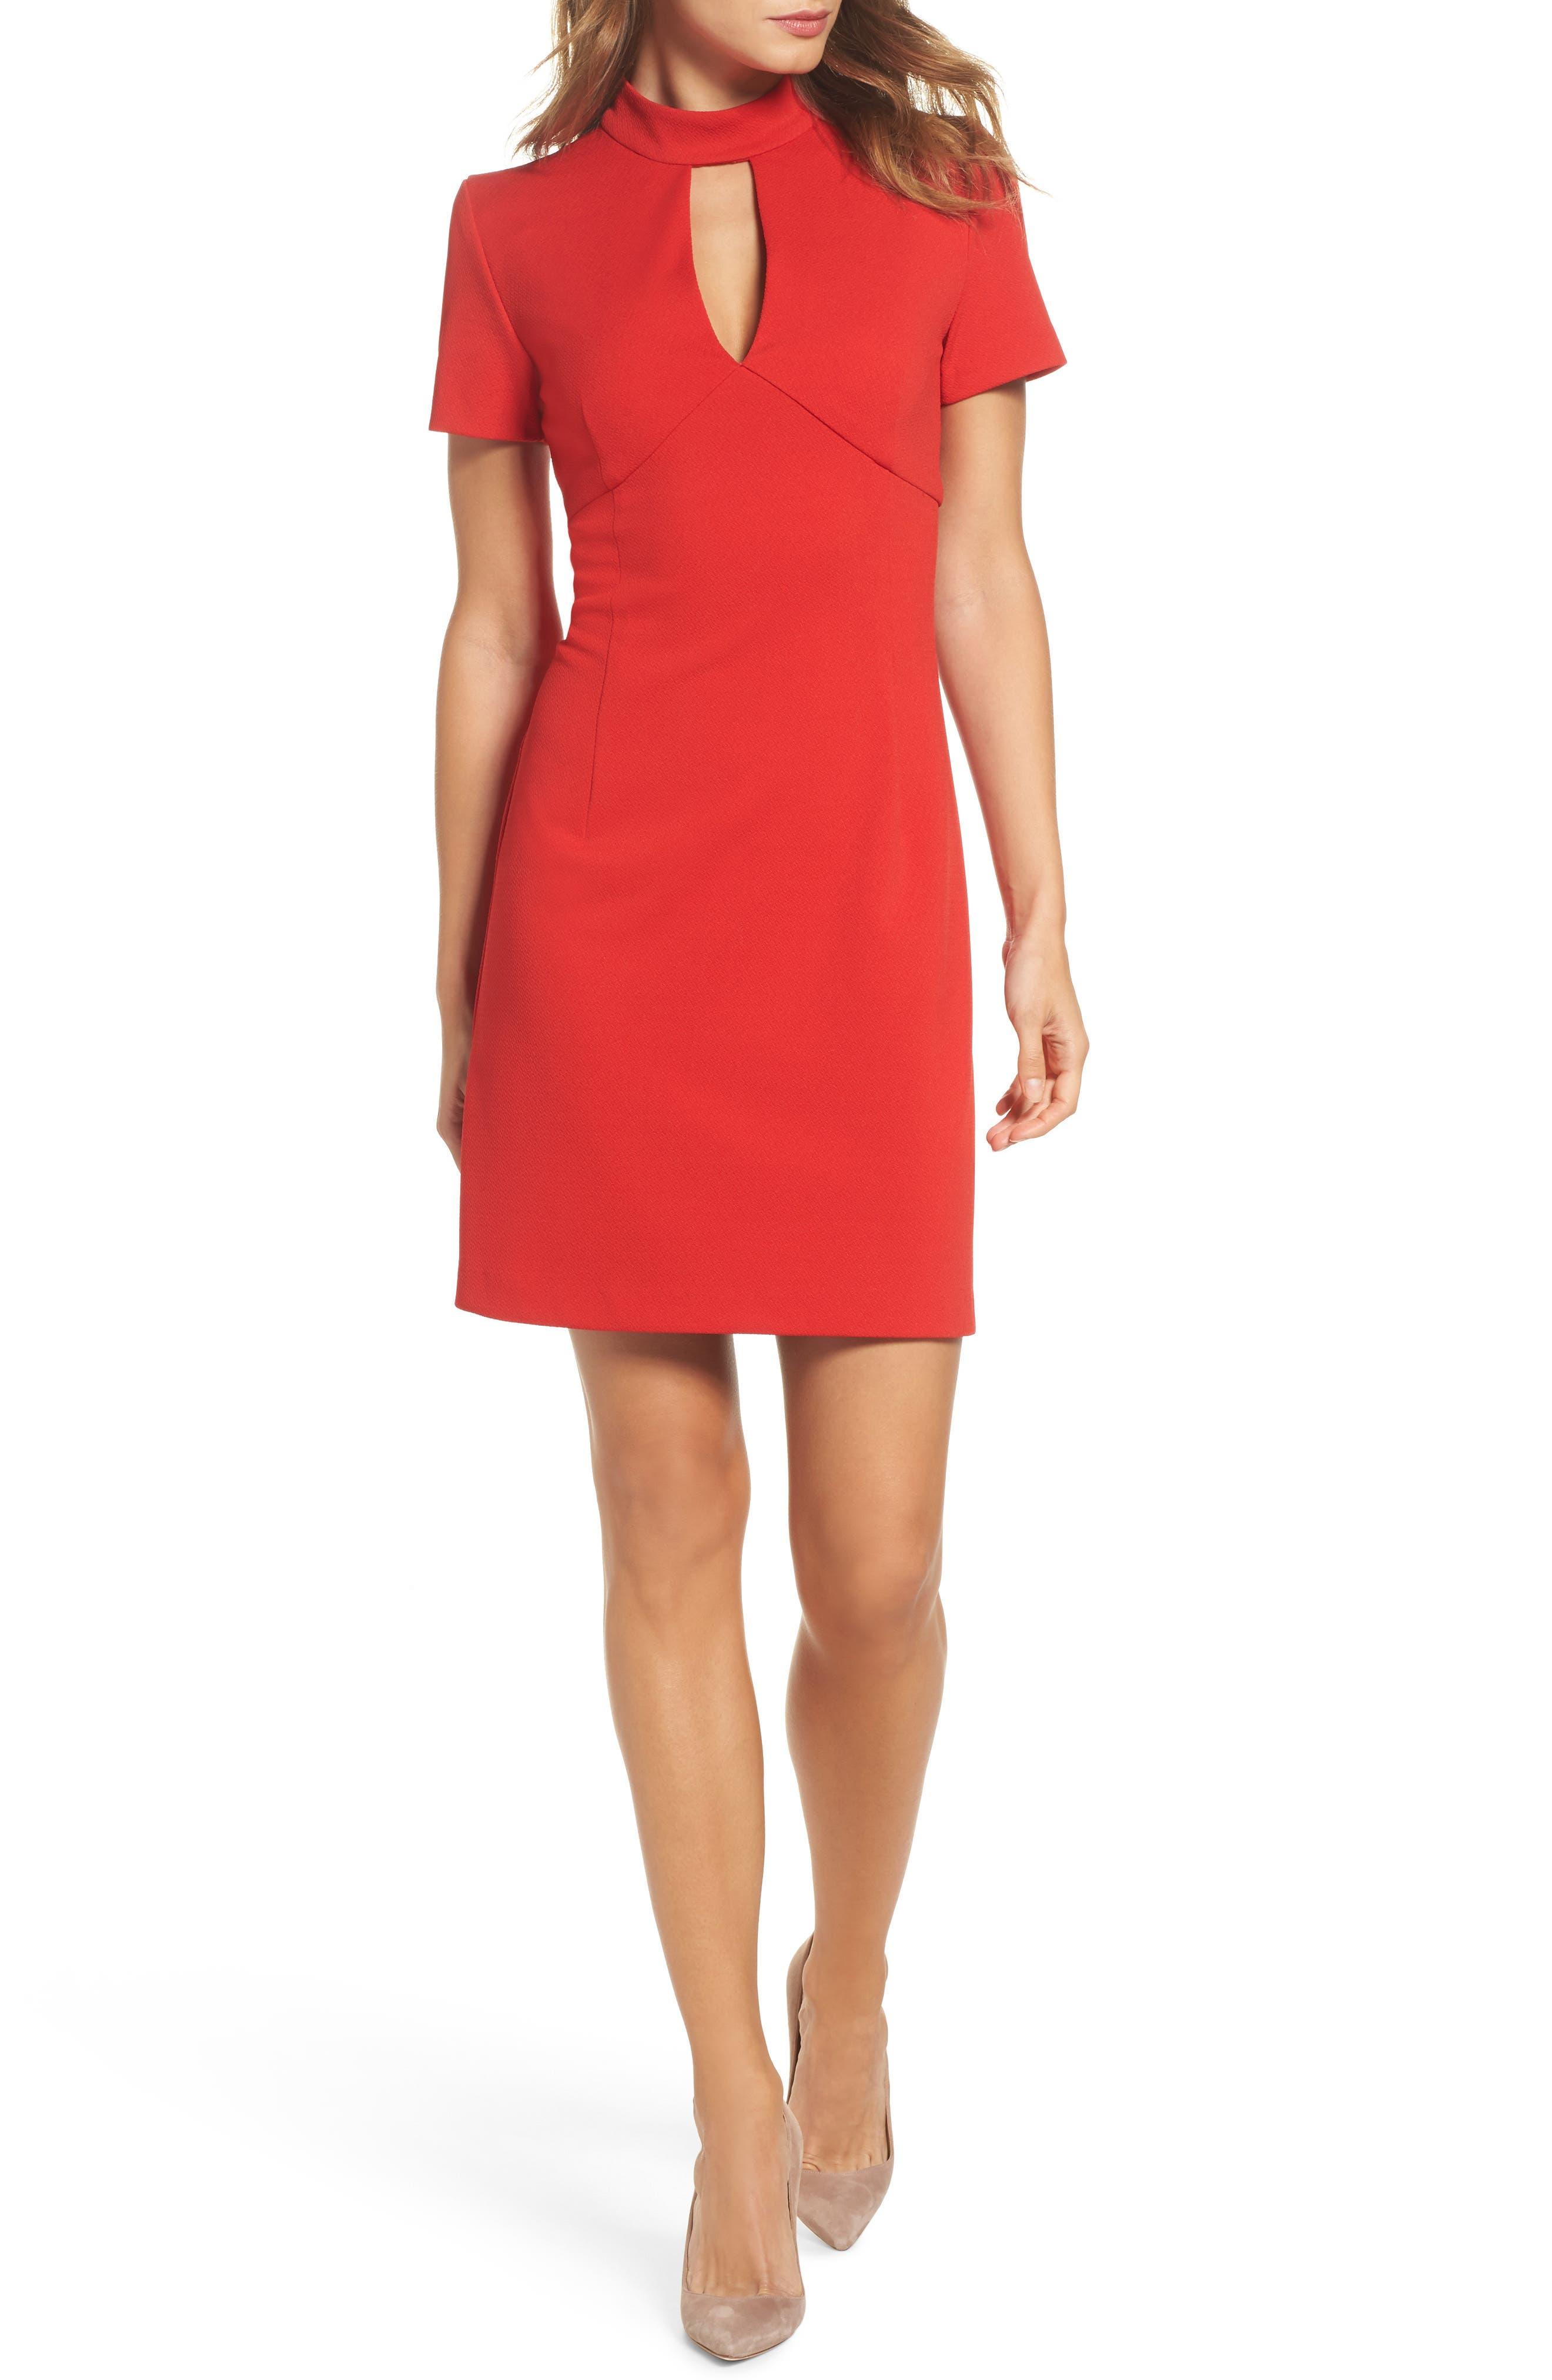 Camari Choker Collar Sheath Dress,                         Main,                         color, Pagoda Red